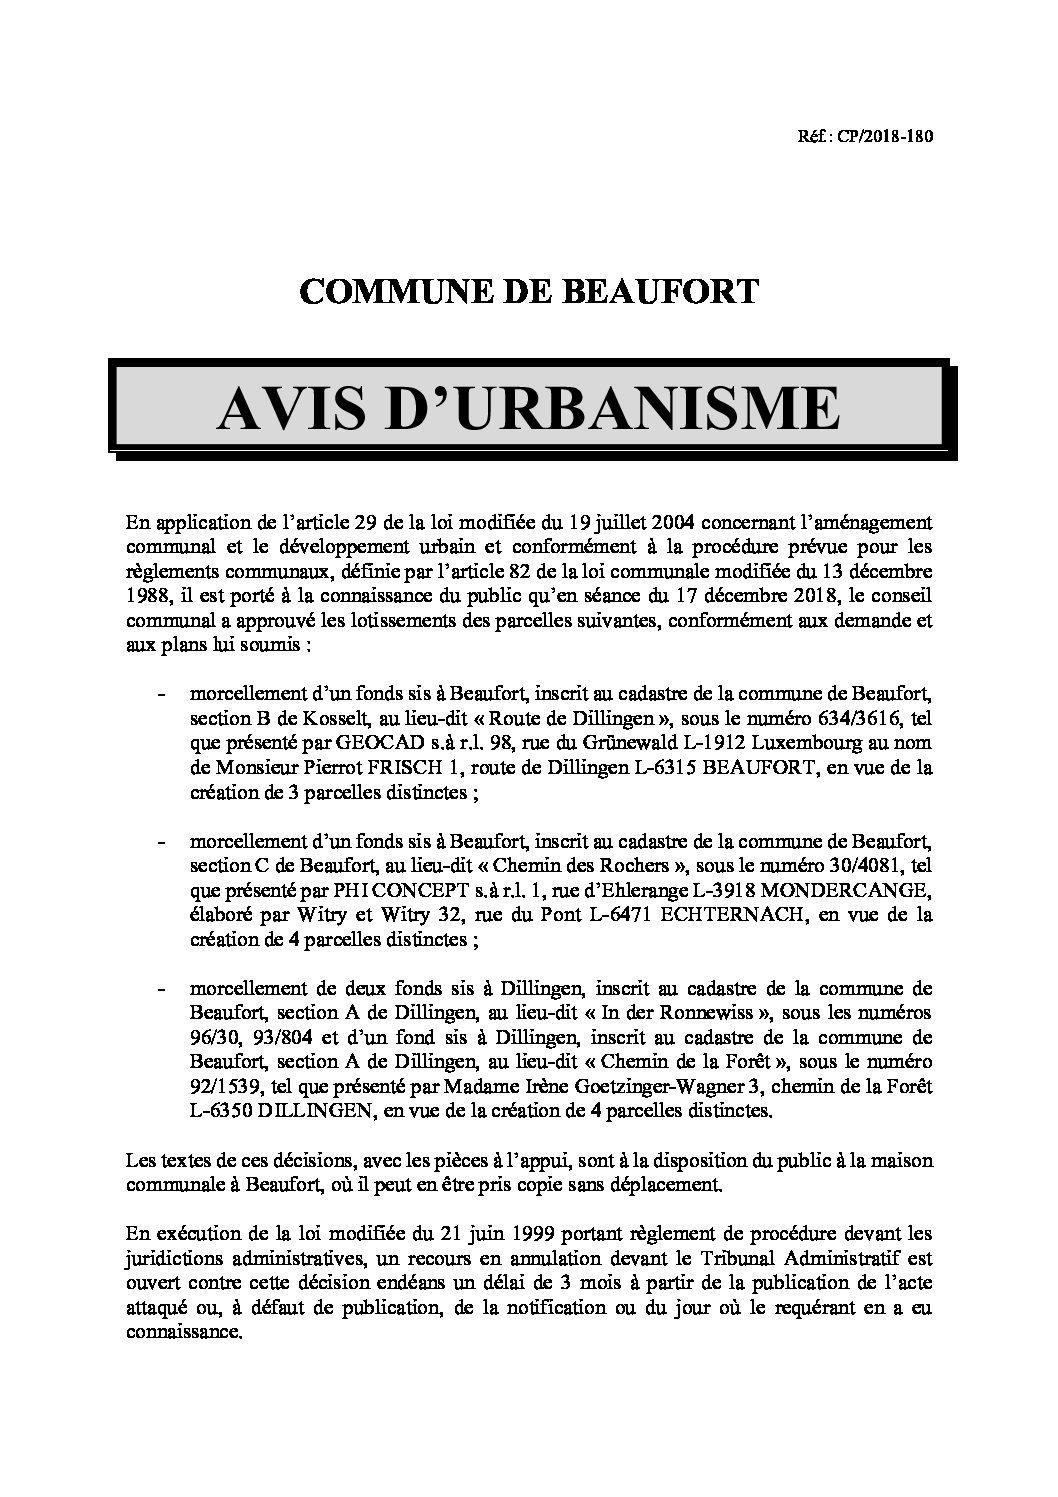 20181224_AvisUrbanisme